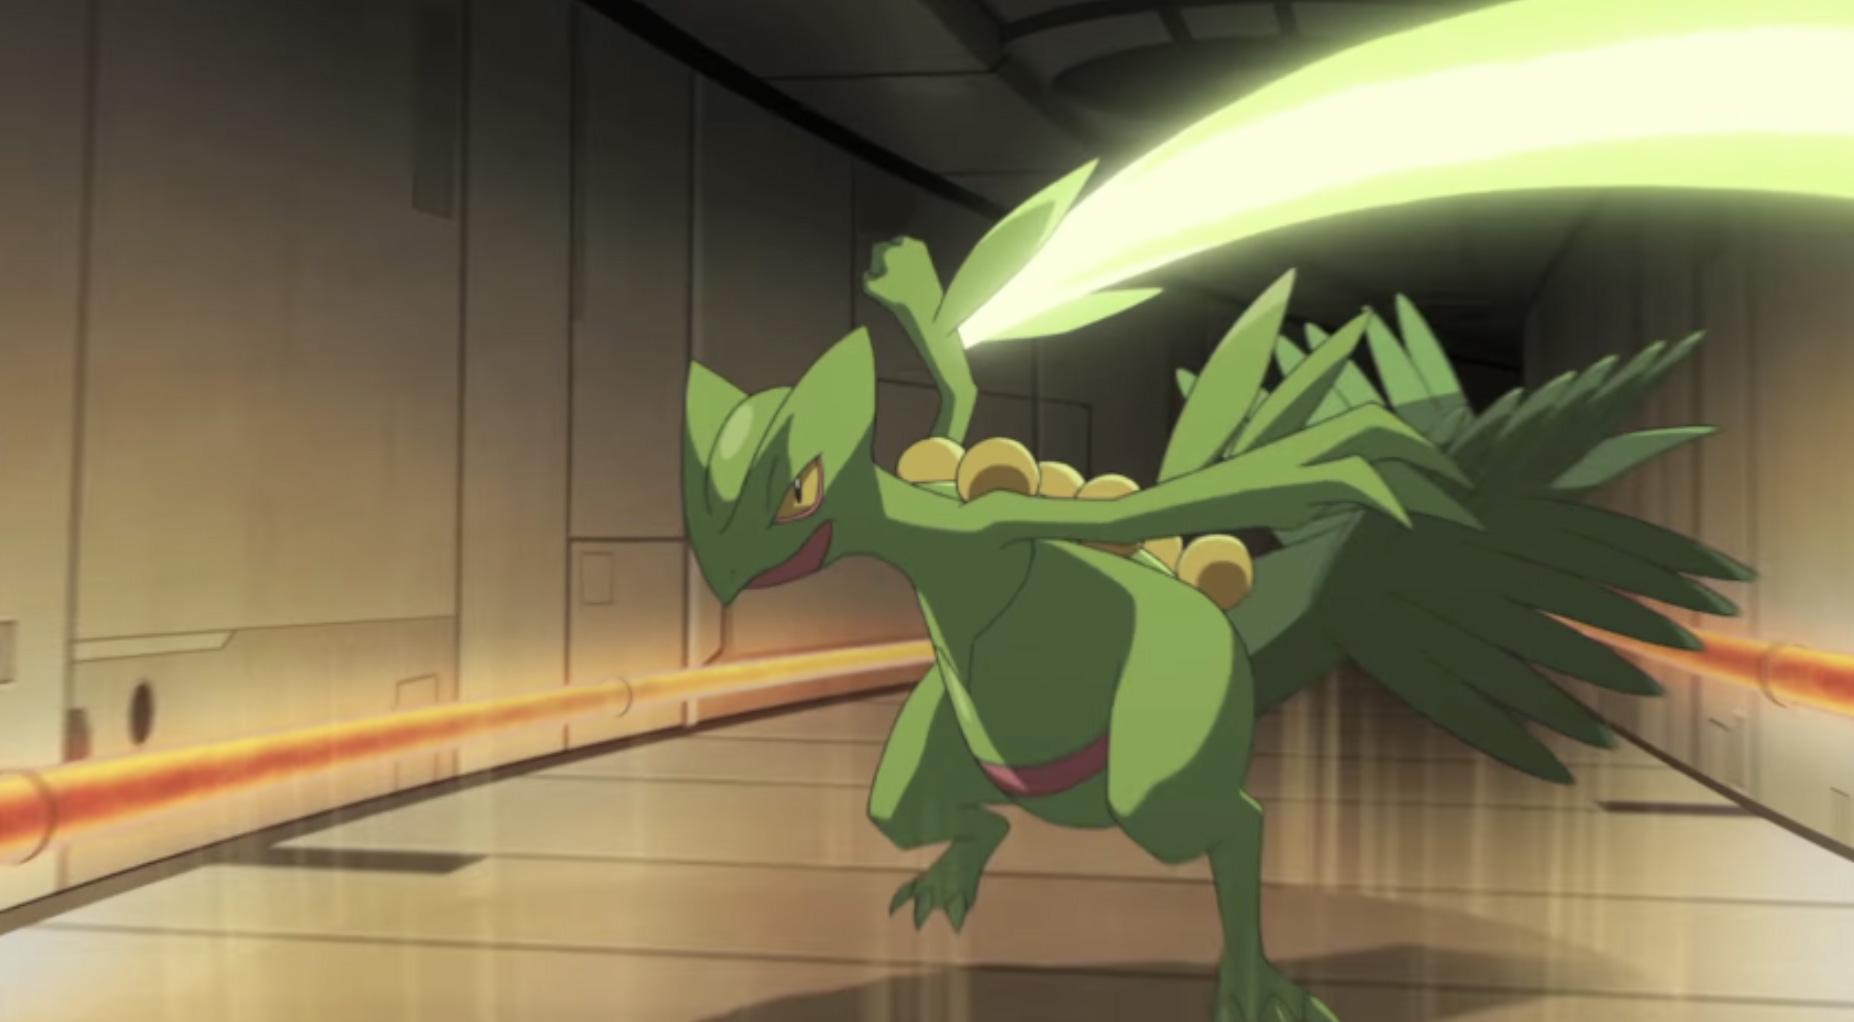 Screenshot of Gen 3 starter evolution Sceptile in Pokemon anime.